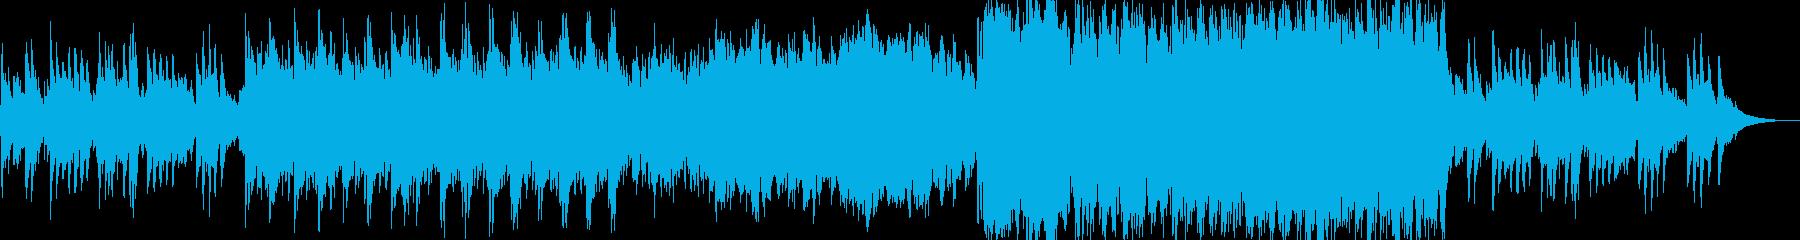 和風の後半盛り上がるオーケストラ曲の再生済みの波形